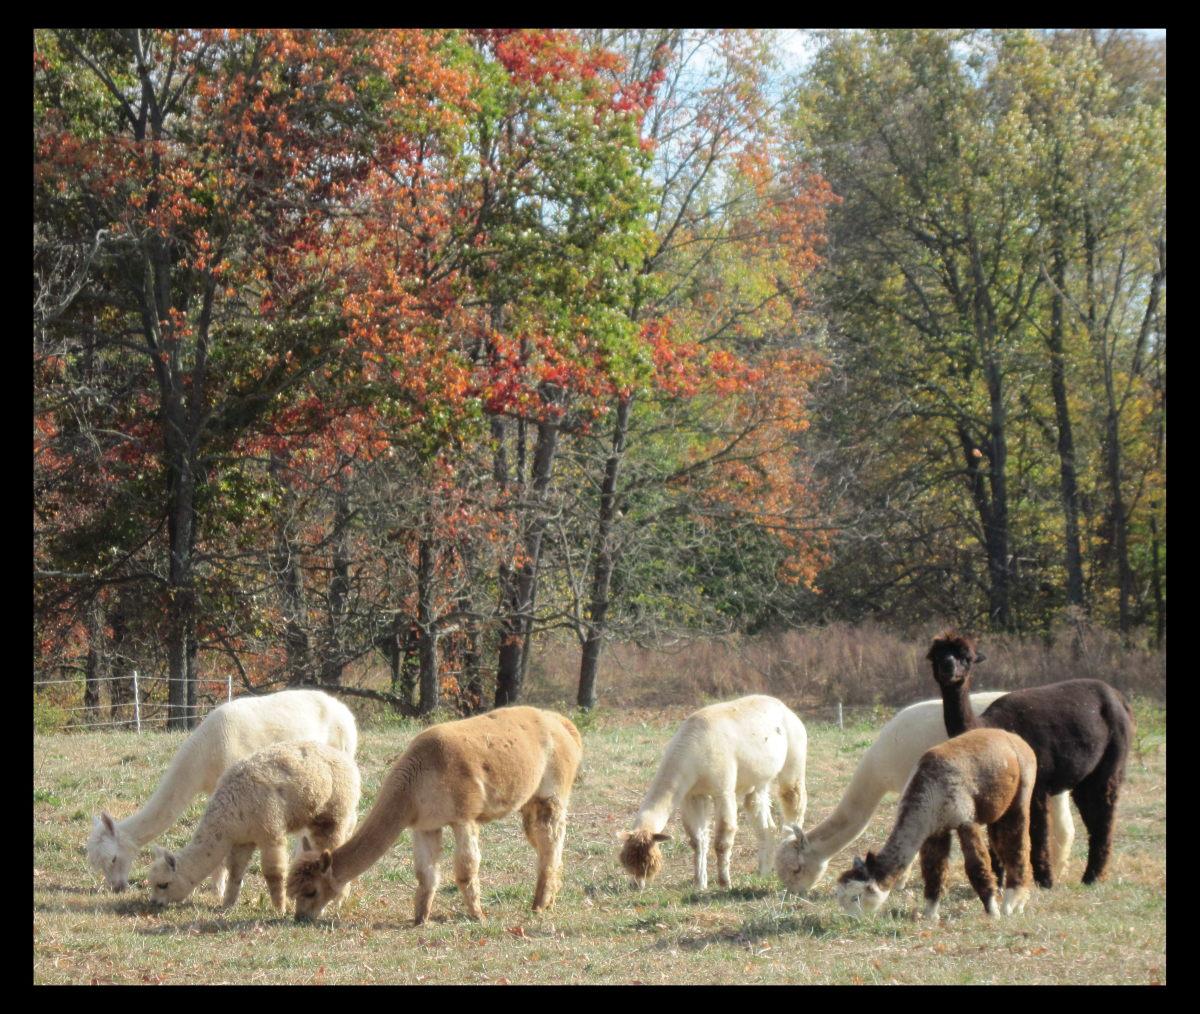 Alpacas grazing in the pasture.